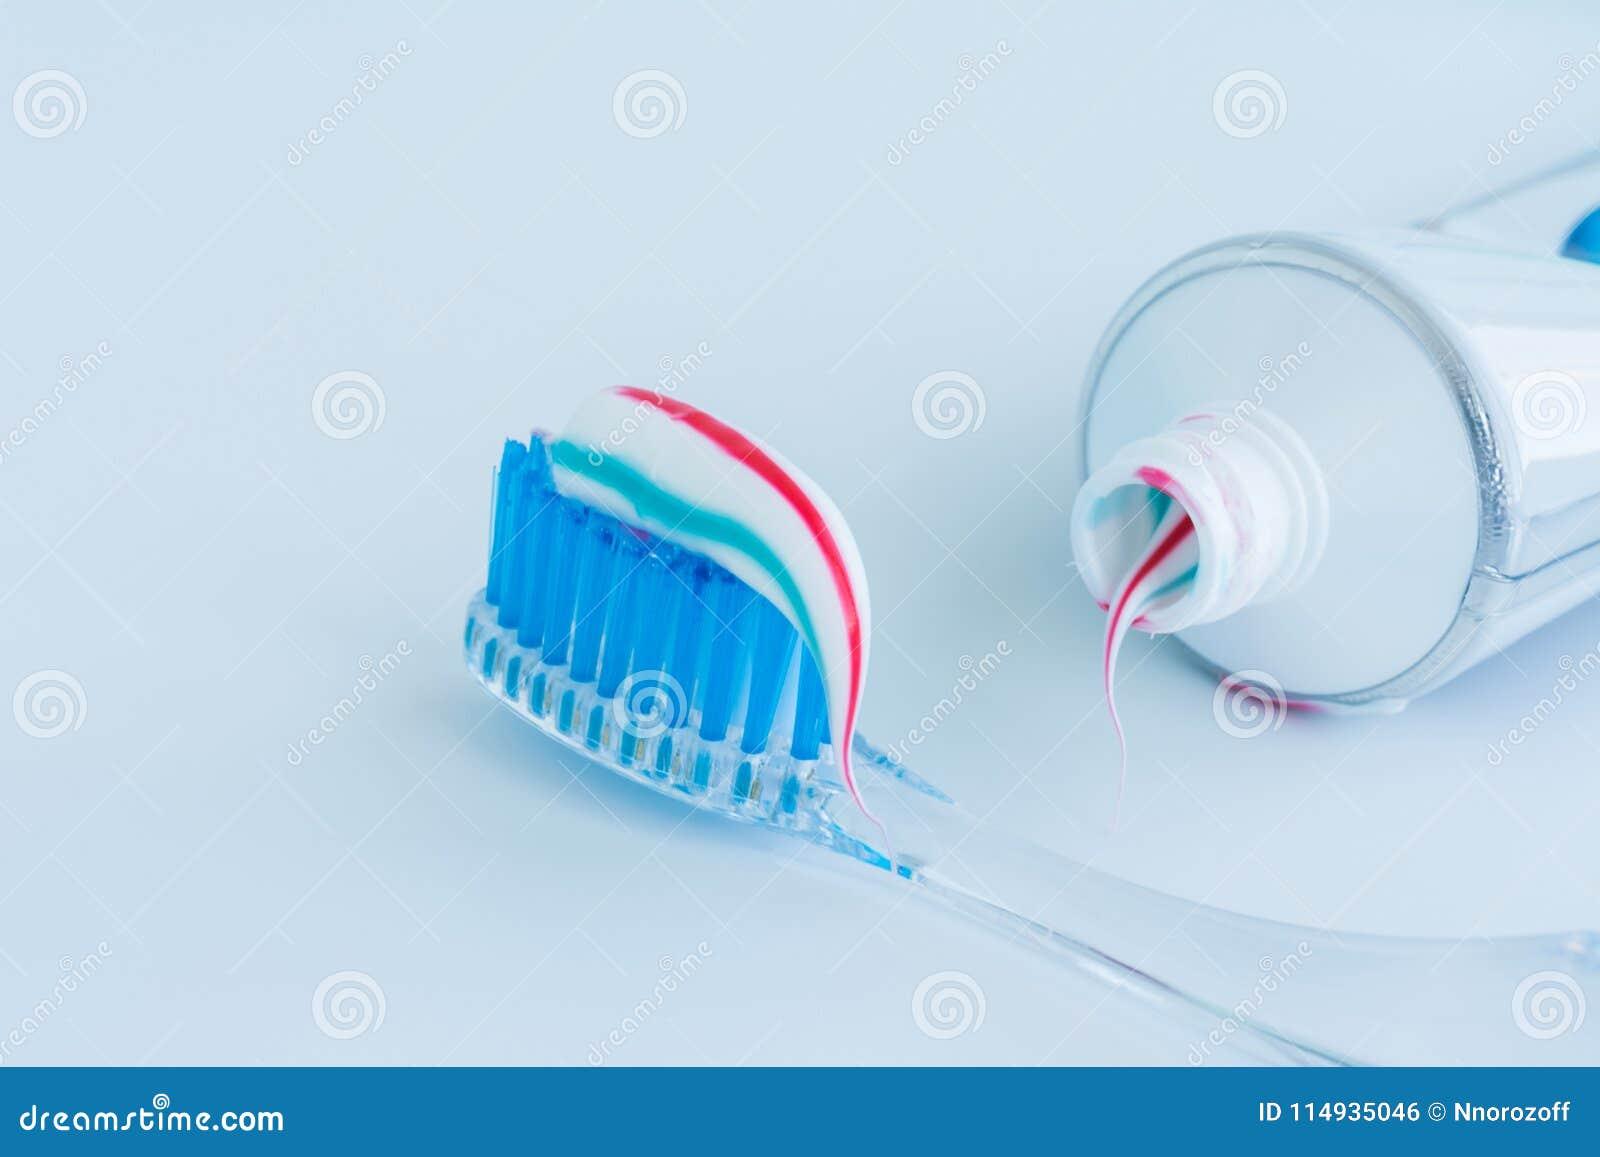 Οδοντόβουρτσα του σαφούς πλαστικού με τις μπλε σκληρές τρίχες, άσπρες μπλε κόκκινες συμπιέσεις οδοντόπαστας από έναν σωλήνα